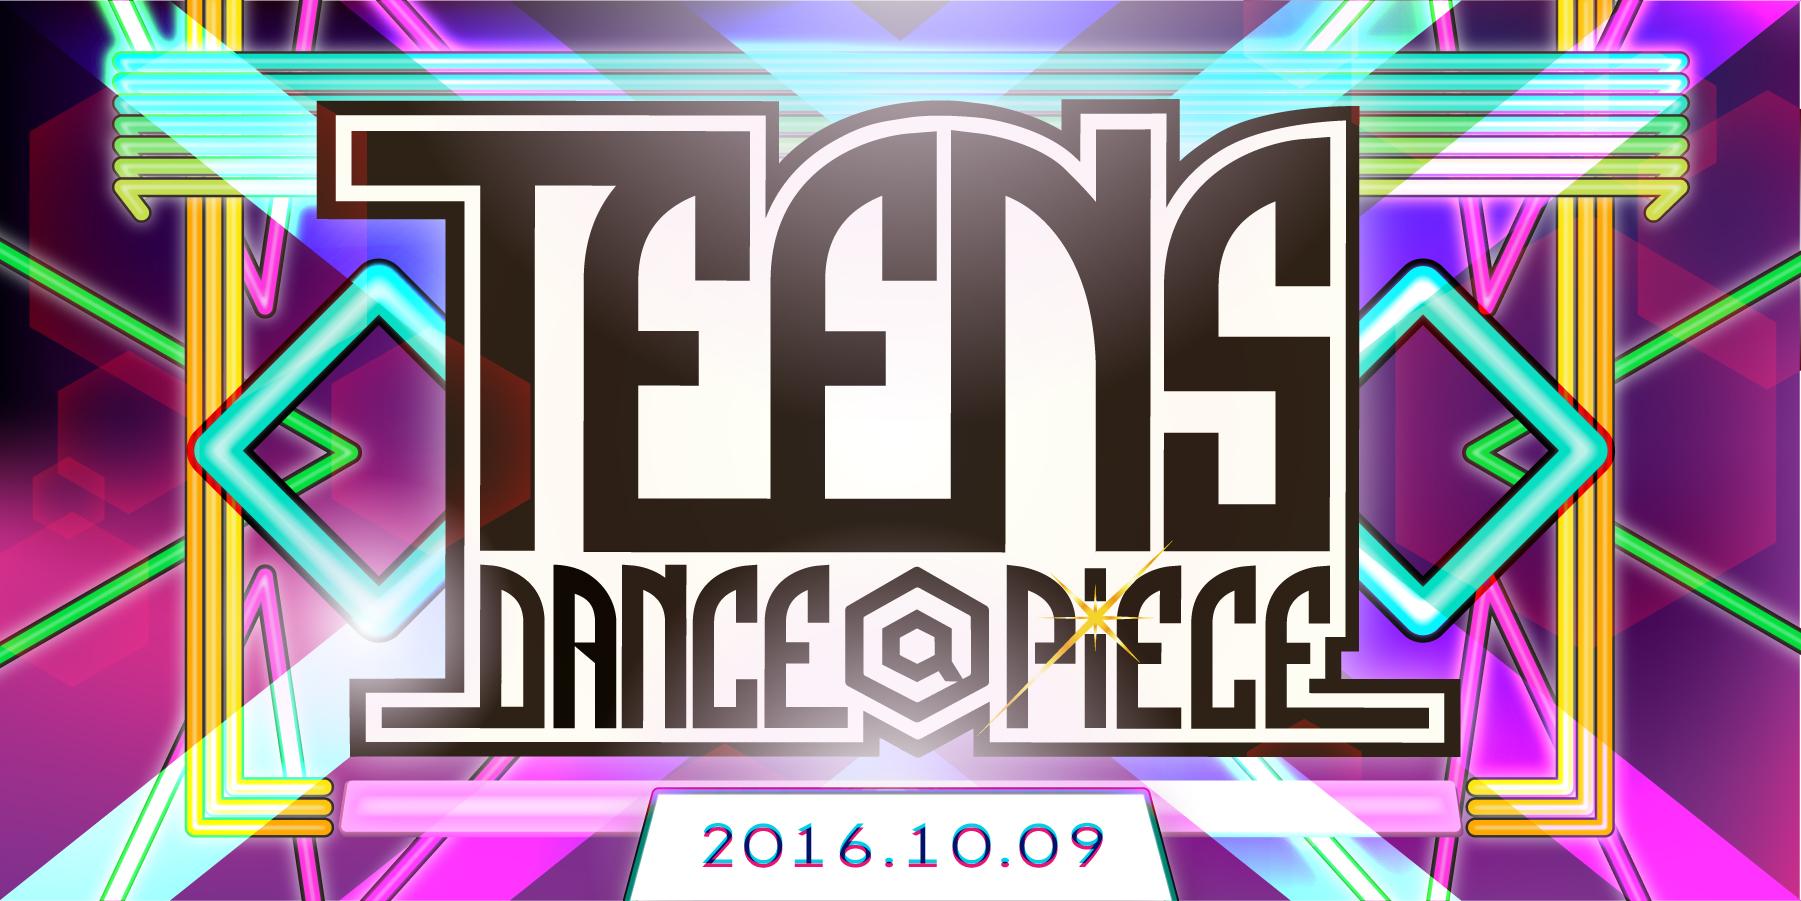 日本全国高校生ダンサーの学園祭イベント! TEENS DANCE@PIECE 2016開催!